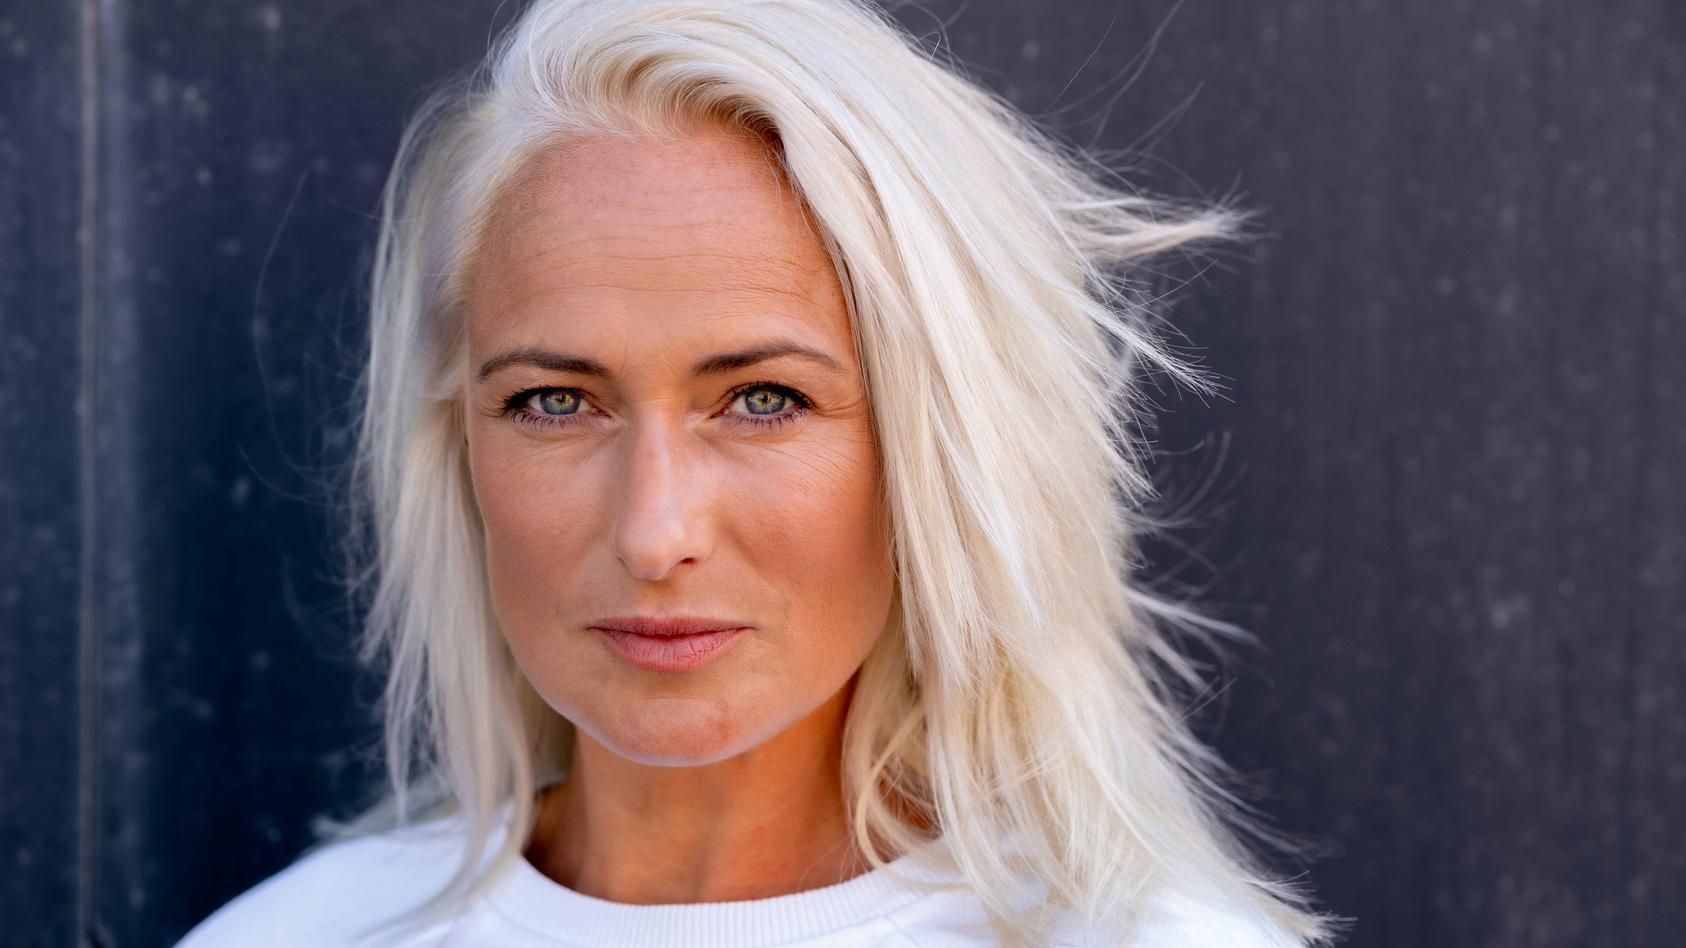 GZSZ-Star Eva Mona Rodekirchen mit neuer Frisur